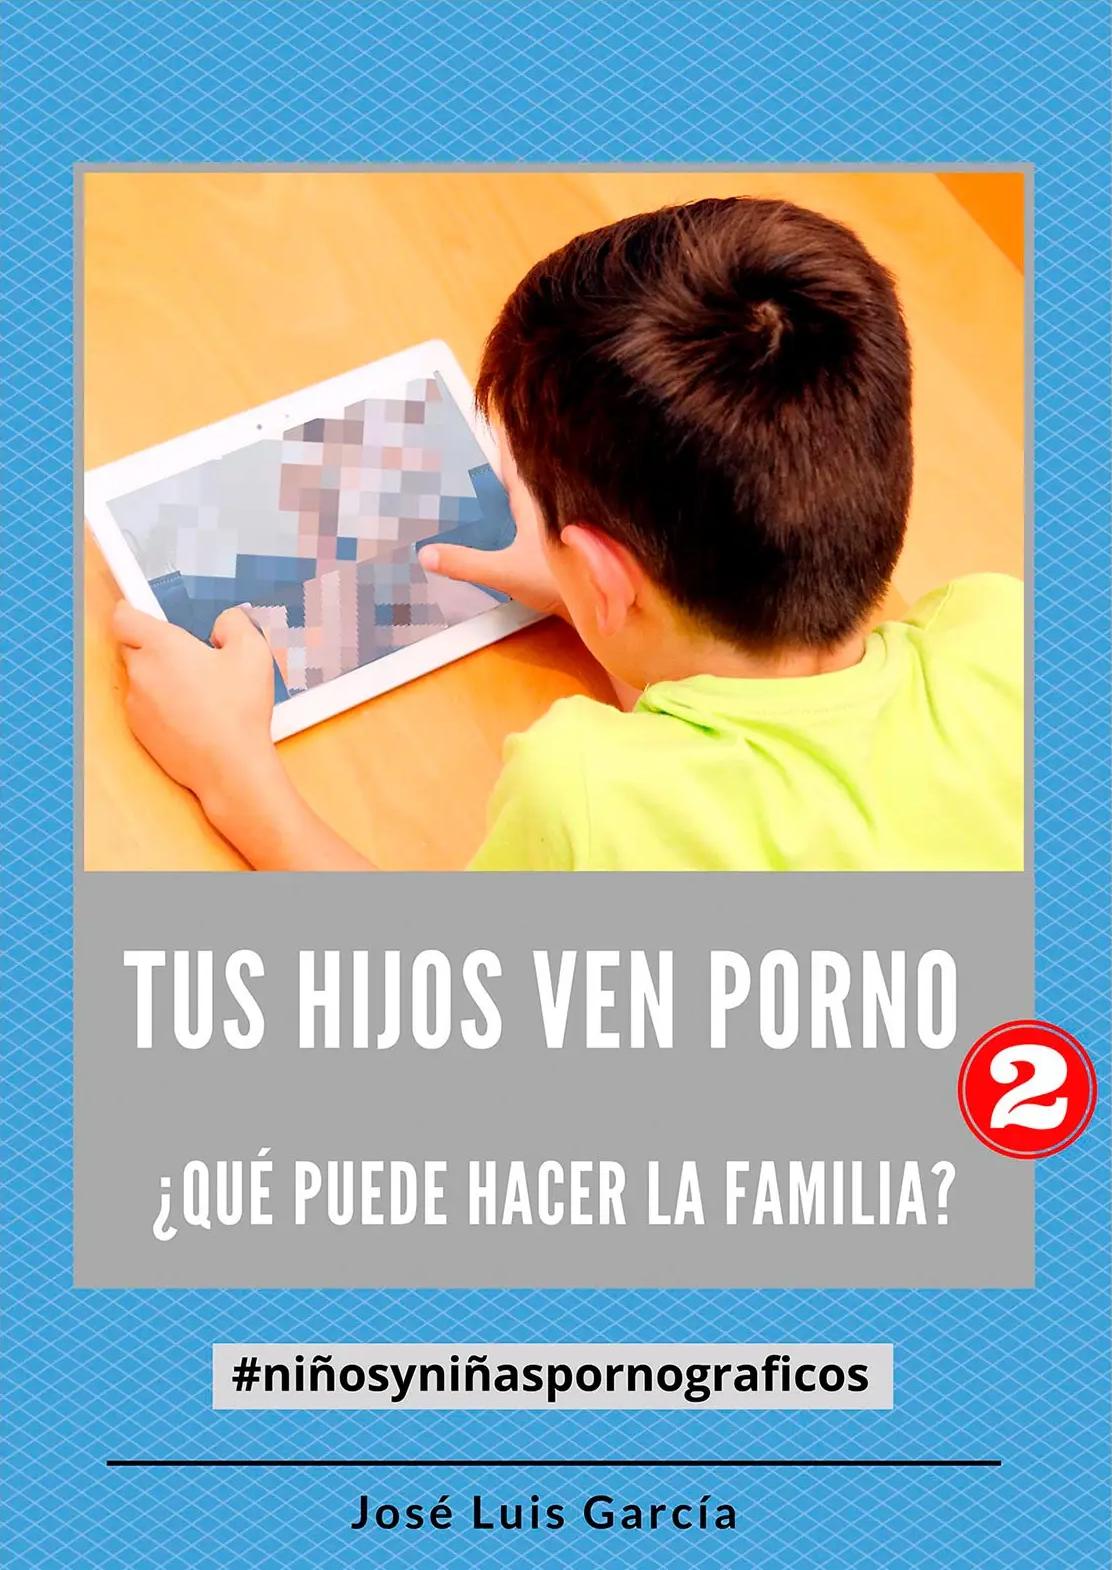 Tus-hijos-ver-porno-2-que-puede-hacer-la-familia-Portada-Jose-Luis-Garcia